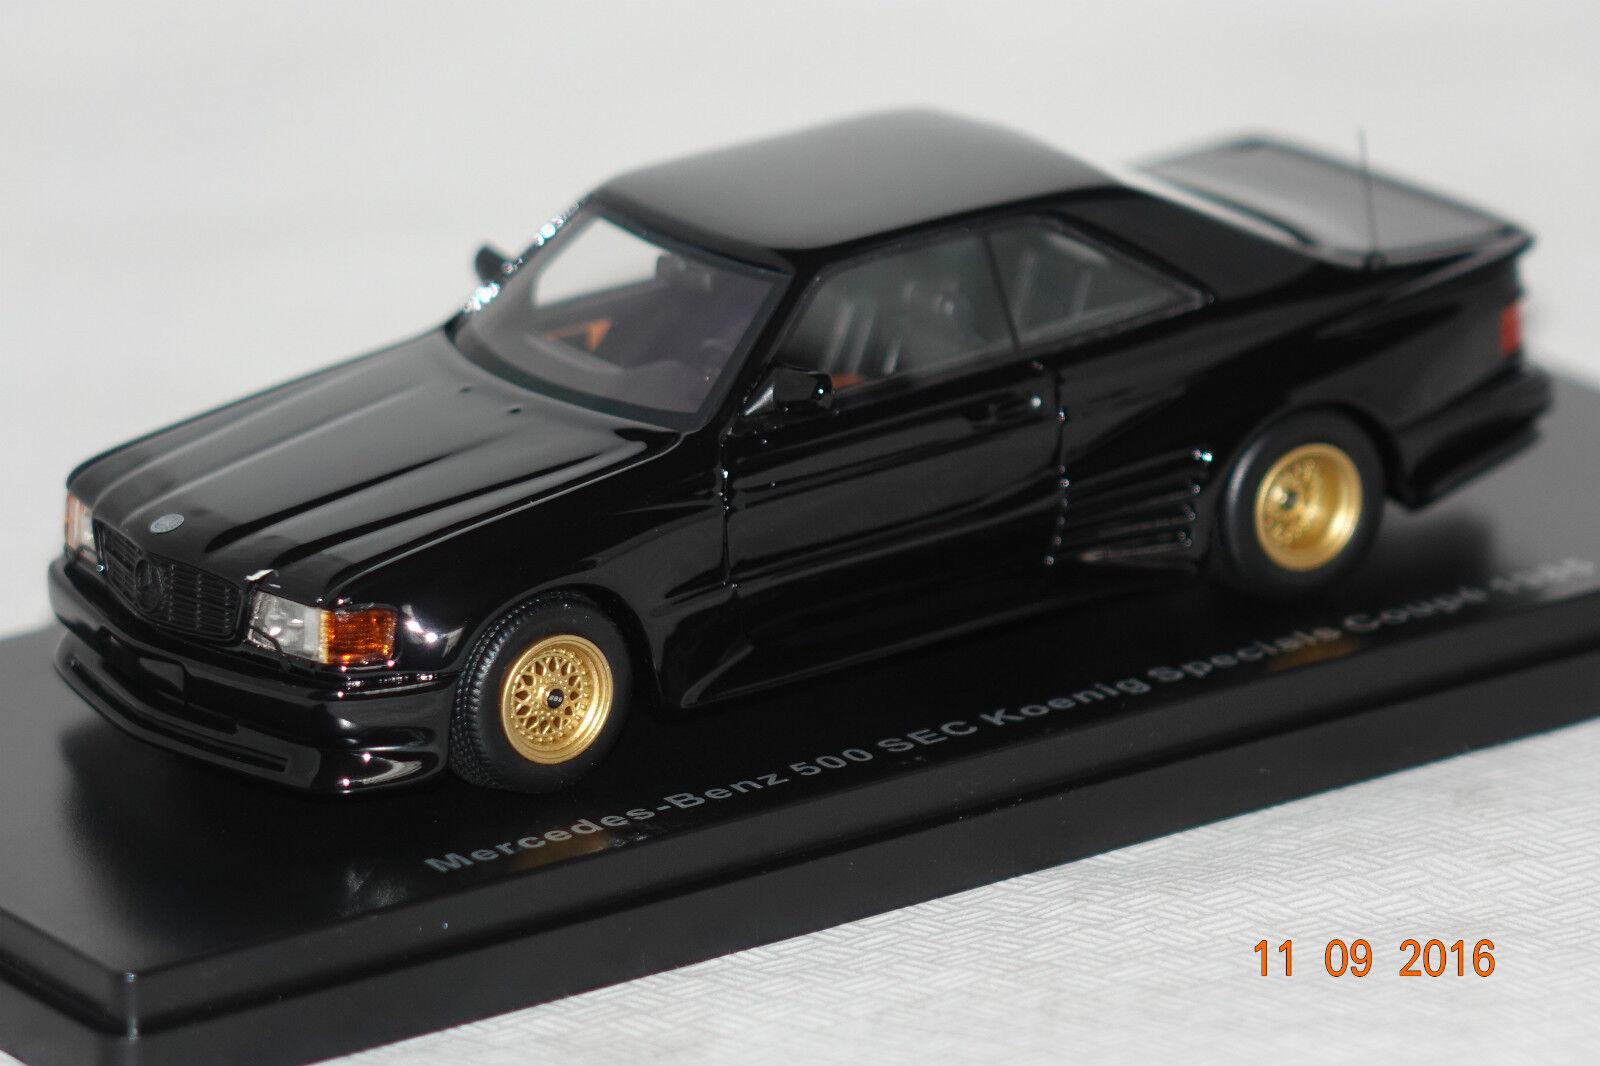 MERCEDES 500 sec Koenig spécial Coupe 1985 Noir 1:43 Neo NOUVEAU & OVP 46600 | Une Performance Supérieure